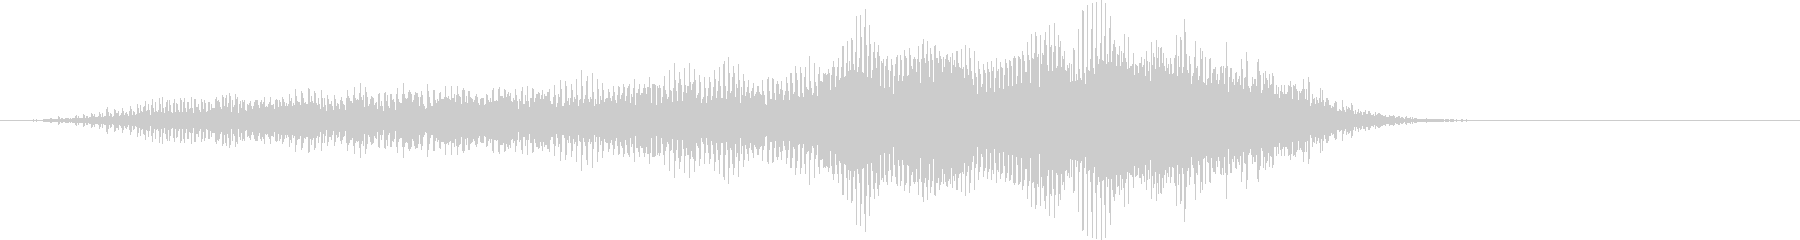 モォ〜♪牛の鳴き声の効果音05の未再生の波形